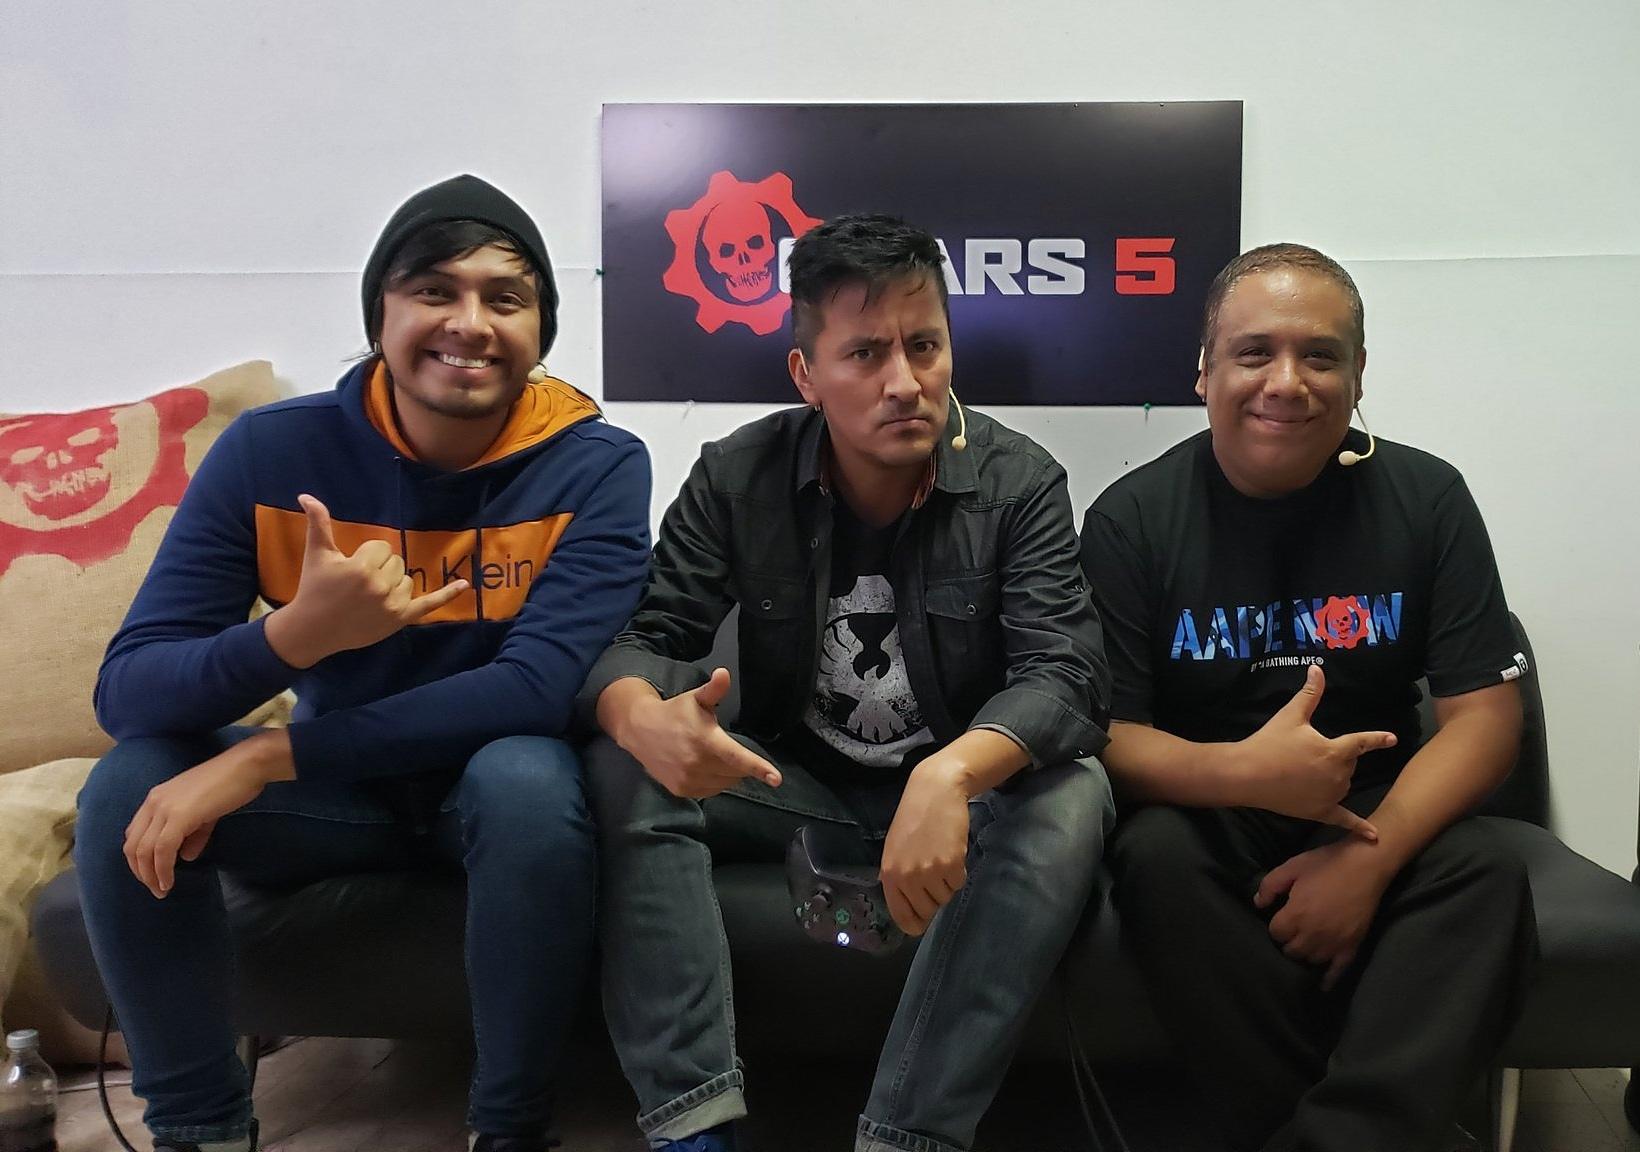 Entrevista en xbox lanzamiento gears